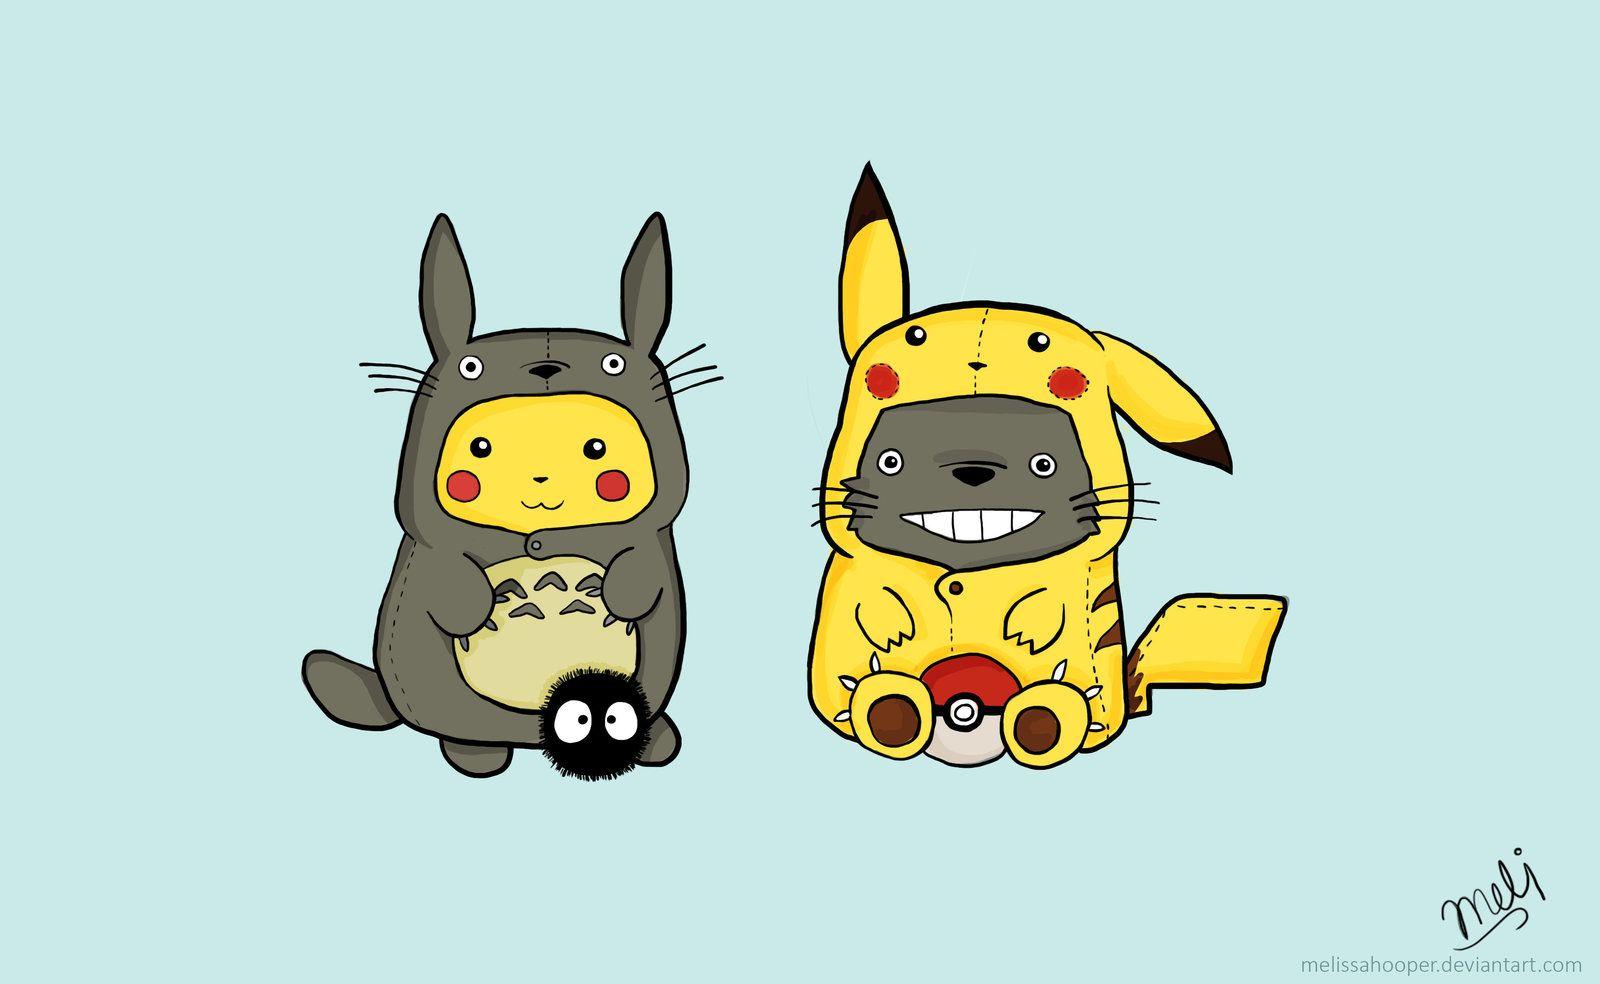 Kawaii ☯★☮ Totoro And Pikachu Onesies By Melissahooper On